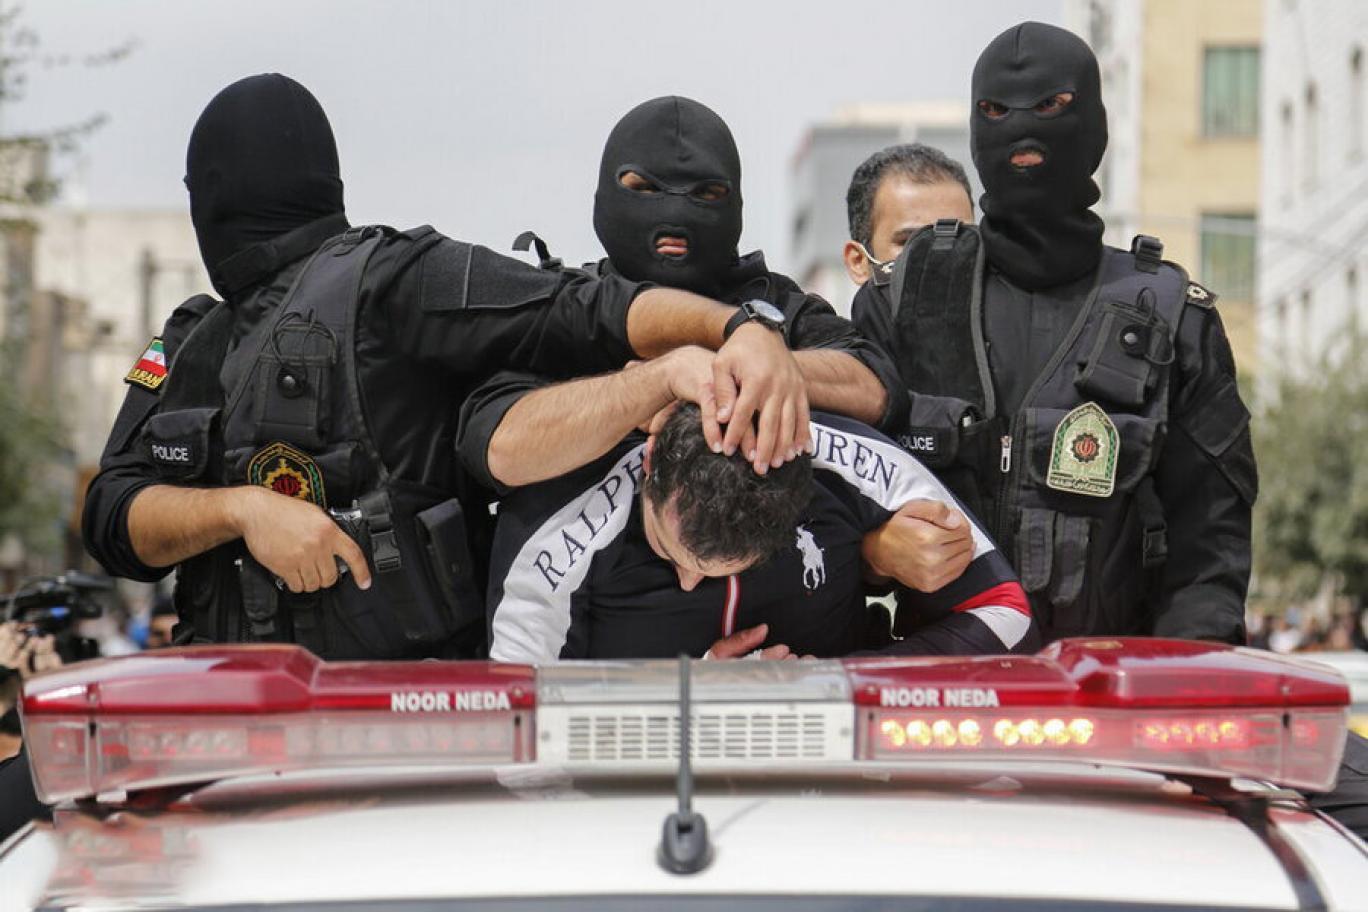 از اعدام در ملاء عام تا «متهمگردانی»: هدف ارعاب و تهدید است/معین خزائلی